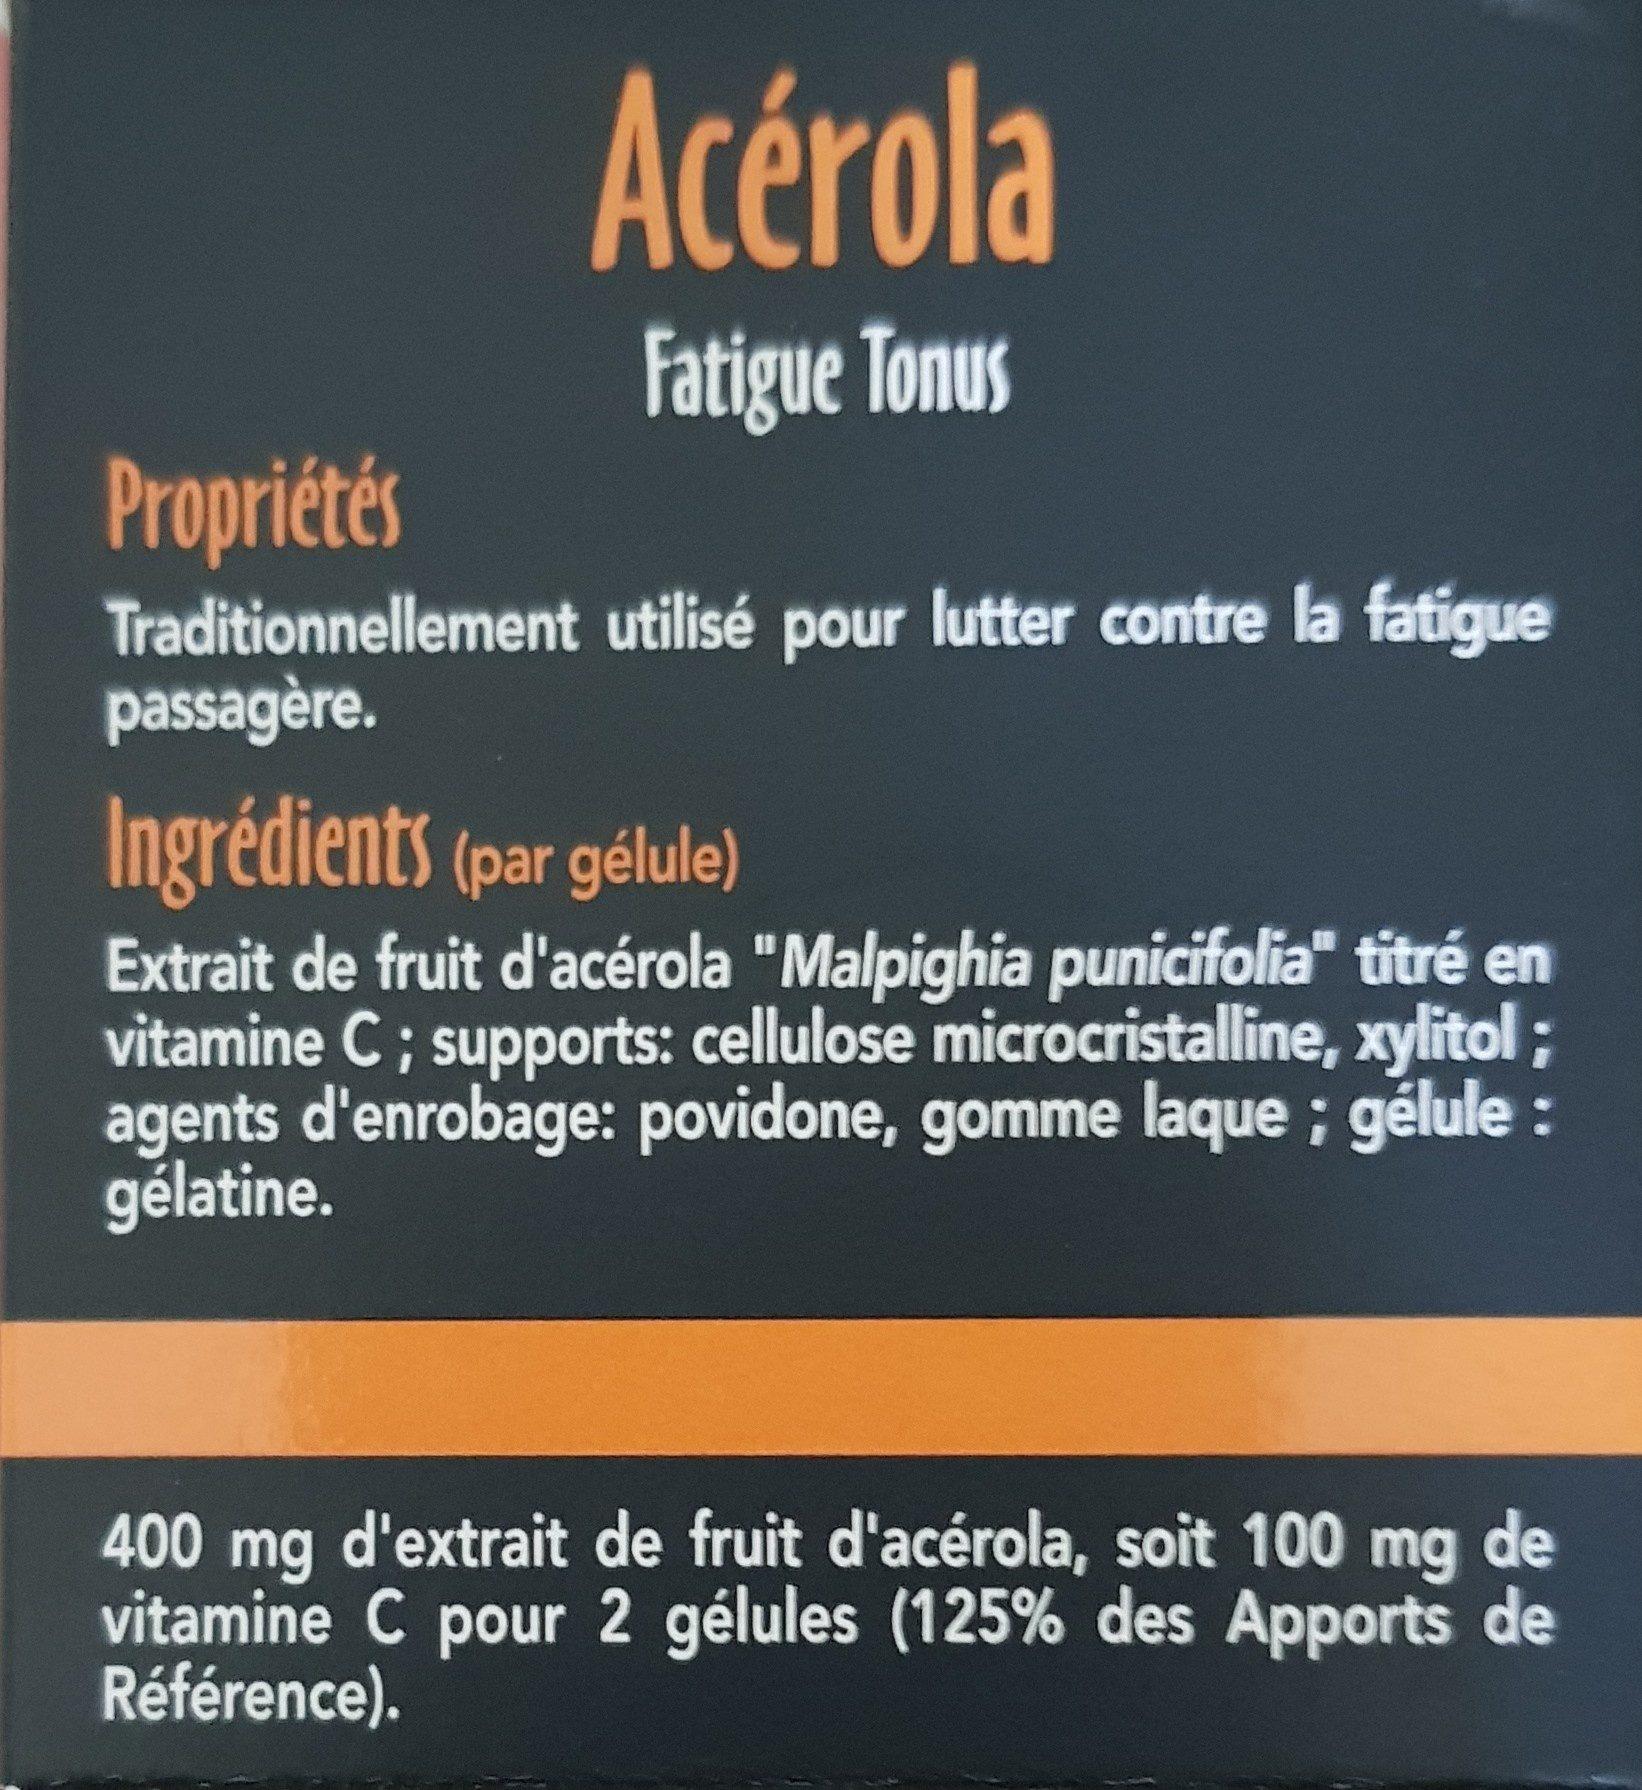 Sid Nutrition Acerola Fatigue Tonus 30 Gélules - Ingrédients